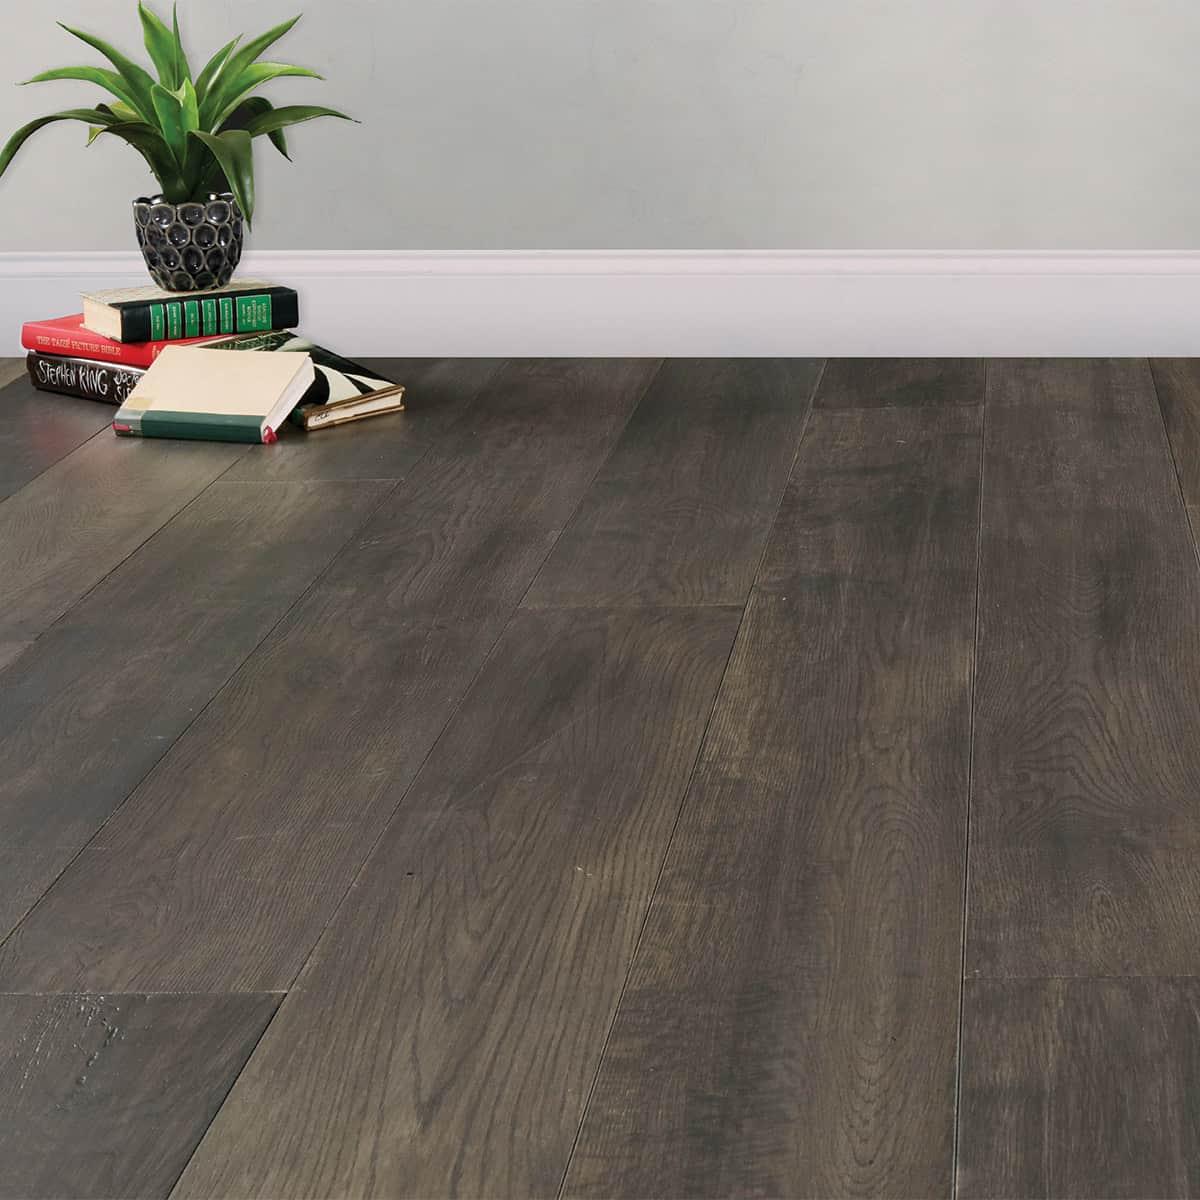 Sustainable Hardwood Flooring 7 Prefinished Engineered White Oak